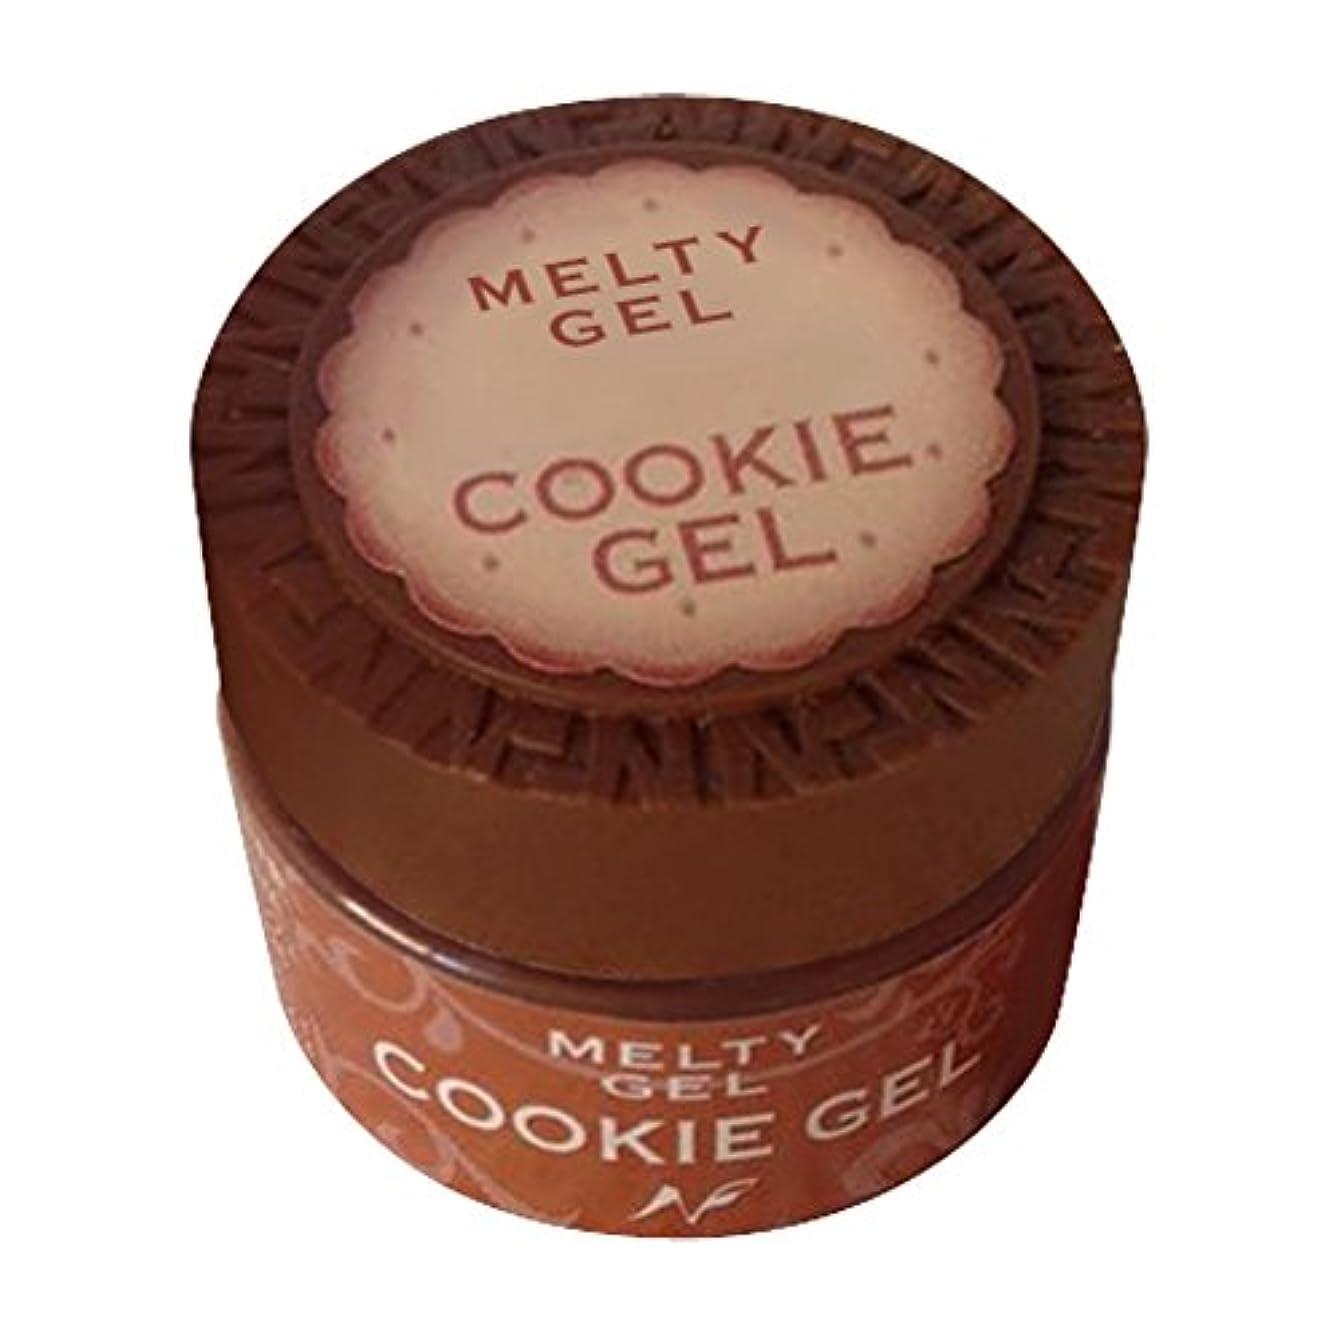 効率的に距離区別Natural Field Melty Gel クッキージェル 3912サーモンピンク 5g